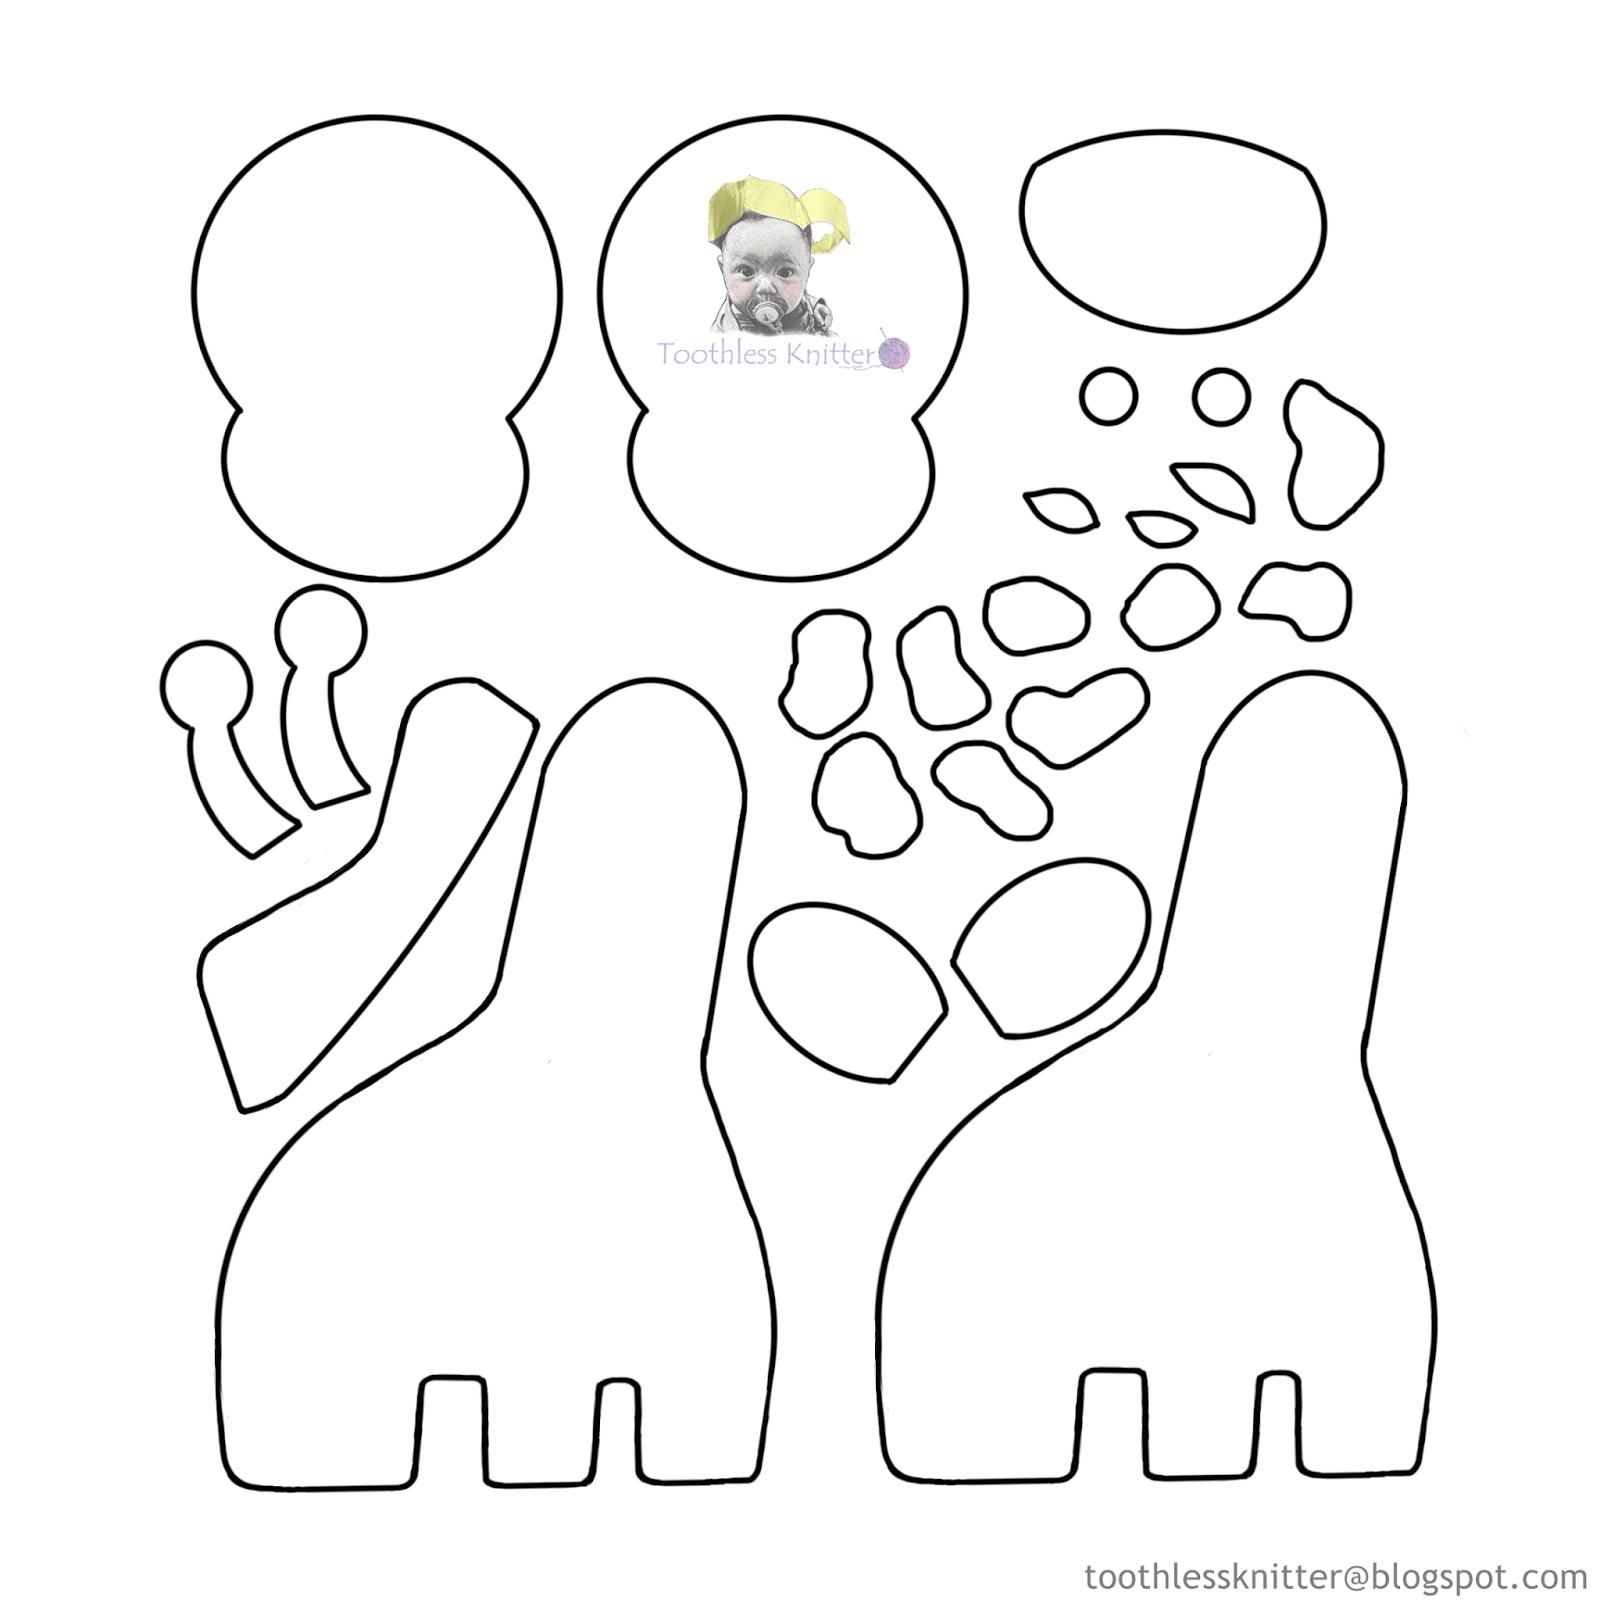 Felt Baby Name Banner for Nursery - Giraffe/ Filcowy Baner Imienny do Pokoju Dziecięcego - Żyrafa